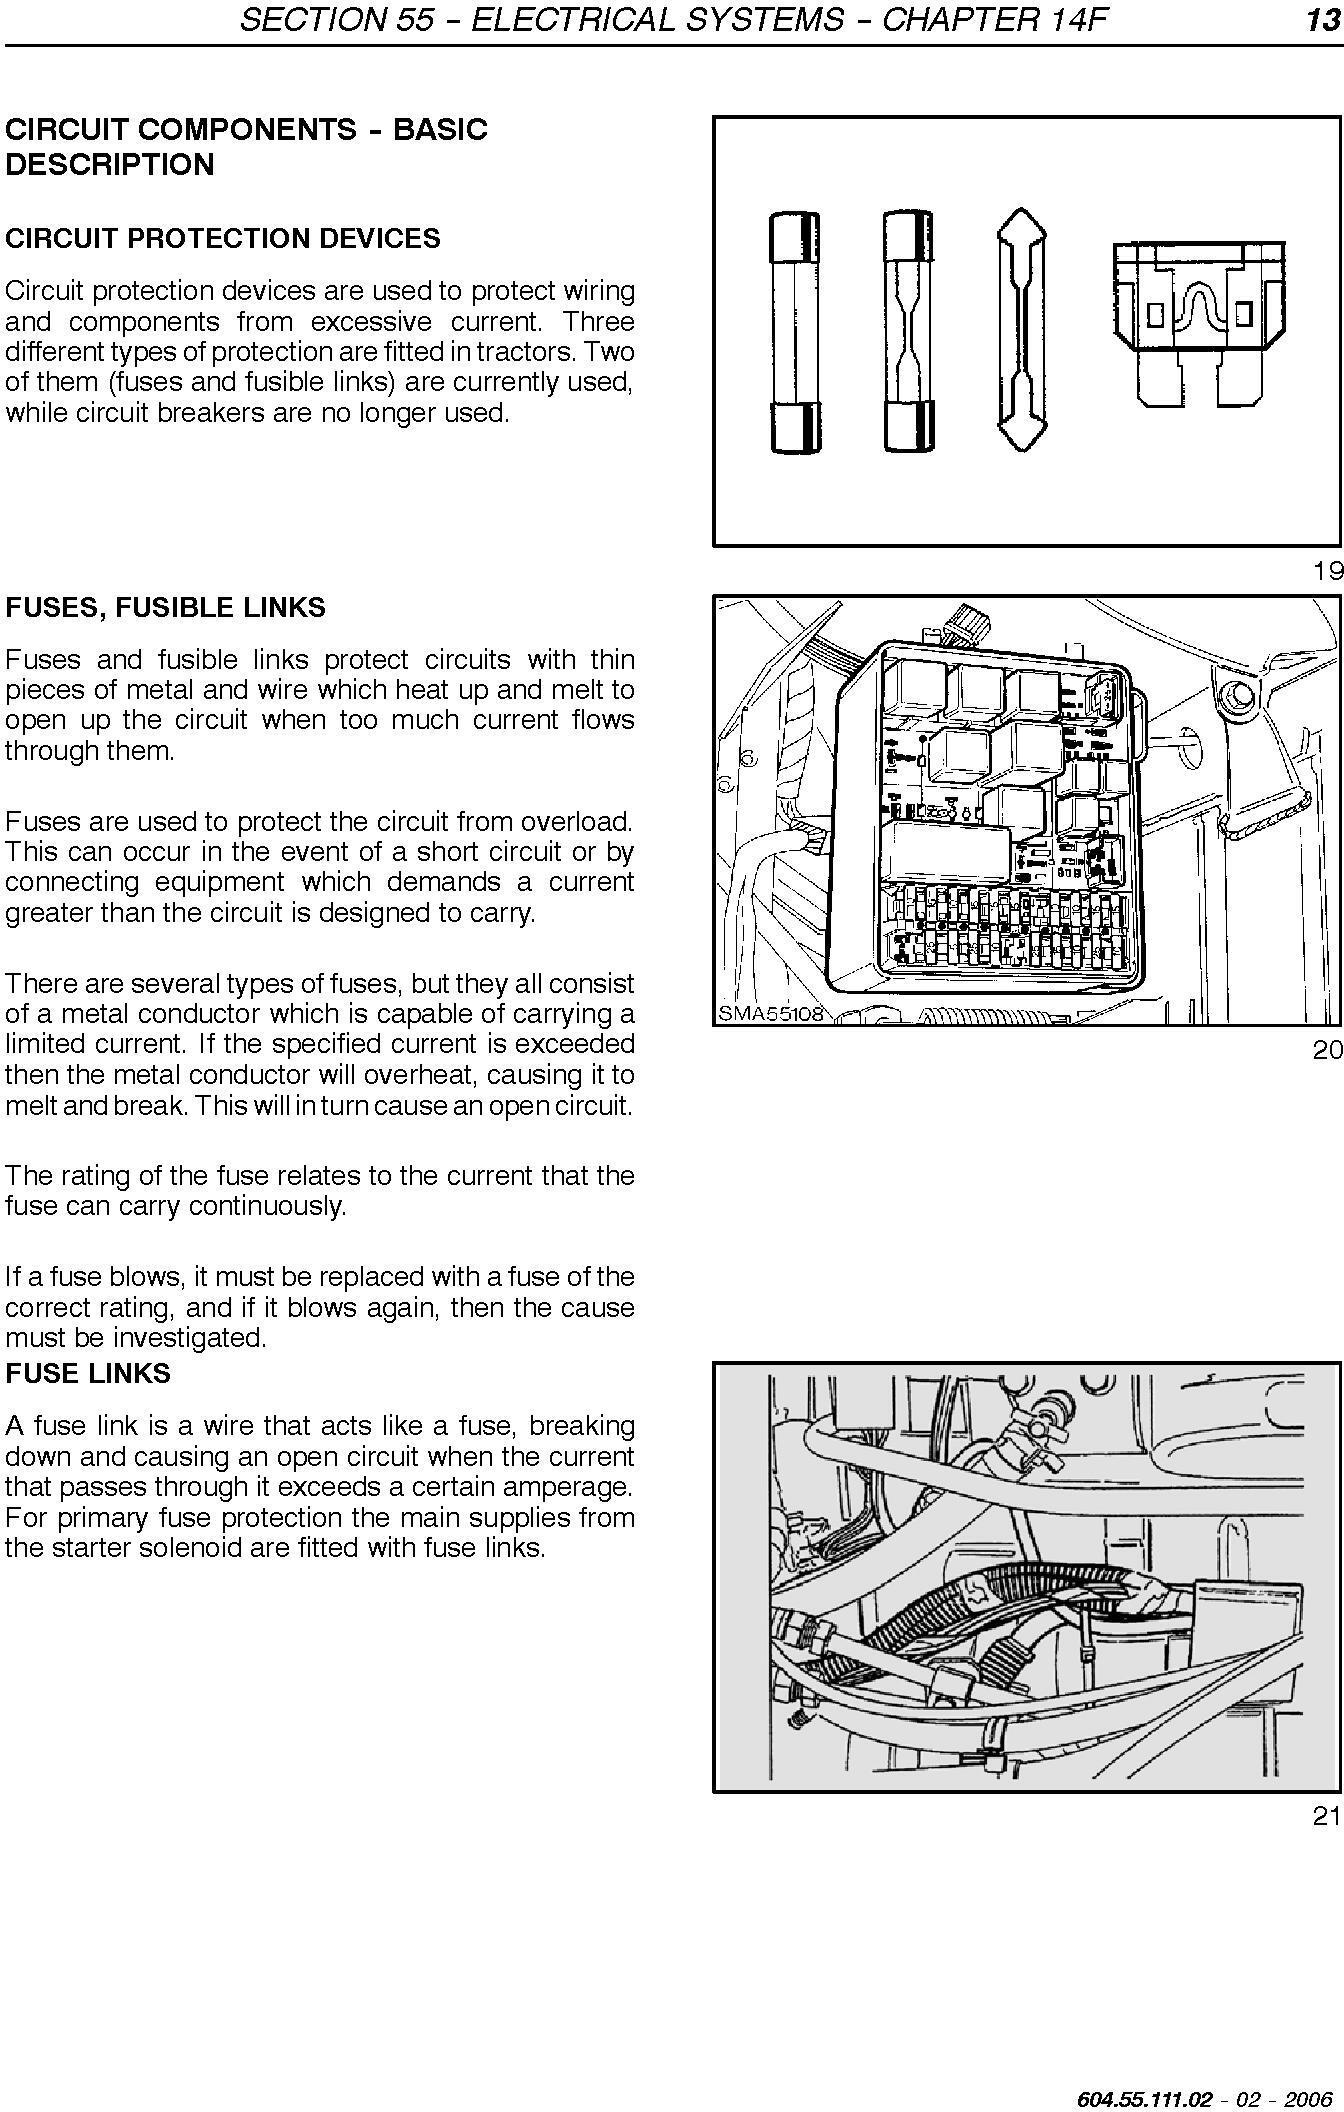 New Holland TM120, TM130, TM140, TM155, TM175, TM190 Tractor Service Manual - 3